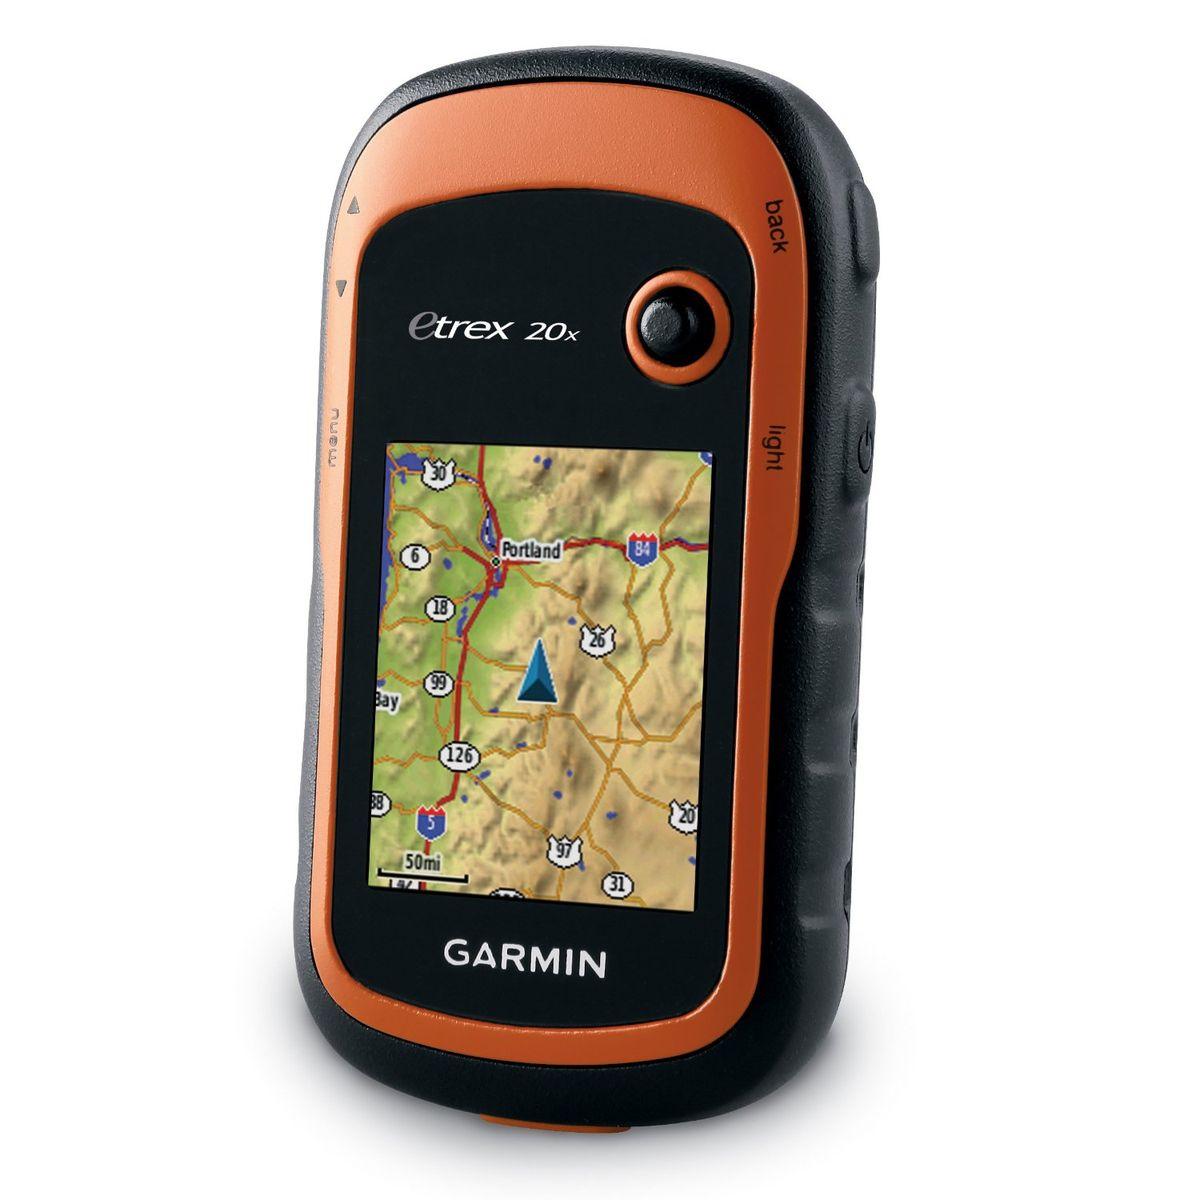 """Навигационный приемник Garmin eTrex 20x GPS, GLONASS Russia (010-01508-01)010-01508-01Навигационный приемник Garmin eTrex 20x представляет собой усовершенствованный вариант популярноймодели eTrex 20 и приходит ей на смену – было улучшено разрешение экрана и увеличен размер встроеннойпамяти. В новом устройстве сохранена простота использования, надежность и доступность легендарной линейкиeTrex. Этот навигатор можно использовать где и как угодно, но особенно он хорош для пешего и водного туризма.Данная модель оборудована улучшенным цветным трансфлективным дисплеем (65К цветов) с диагональю 2,2"""" иотличным качеством изображения при ярком солнечном свете. Прочный и водостойкий прибор не подведет вас ив плохую погоду - устройство не боится пыли, грязи, повышенной влажности или воды.Устройства серии eTrex стали первыми пользовательскими приемниками, которые могут одновременноотслеживать спутники GPS и ГЛОНАСС. При совместной работе двух систем приемник может получать данные с 24дополнительных спутников и рассчитывать местоположение на 20% быстрее.Garmin eTrex 20x оснащен слотом для карт памяти microSD и расширенной внутренней памятью 3,7 ГБ.Высокочувствительный GPS-ГЛОНАСС приемник с функцией WAAS и технологией HotFix (прогноз местоположенияспутников) обеспечивает быстрый и точный расчет координат местоположения. Устройство не теряет сигналдаже под плотными кронами деревьев и в глубоких оврагах.Для пешего туризма практически в любой стране мира вы можете закачать карты ТОРО 24К , Garmin HuntView иДороги России. РФ. ТОПО.. Для морской прогулки можно использовать карту BlueChart g2, и данные карты CityNavigator NT для использования устройства в автомобиле. Кроме того, еТгех 20х поддерживает спутниковыеизображения BirdsEye (требуется подписка) и растровые карты, которые вы можете загрузить на устройство, есливекторных карт не достаточно.Информация о Солнце/Луне Расчет площади Garmin Connect Фотонавигация"""